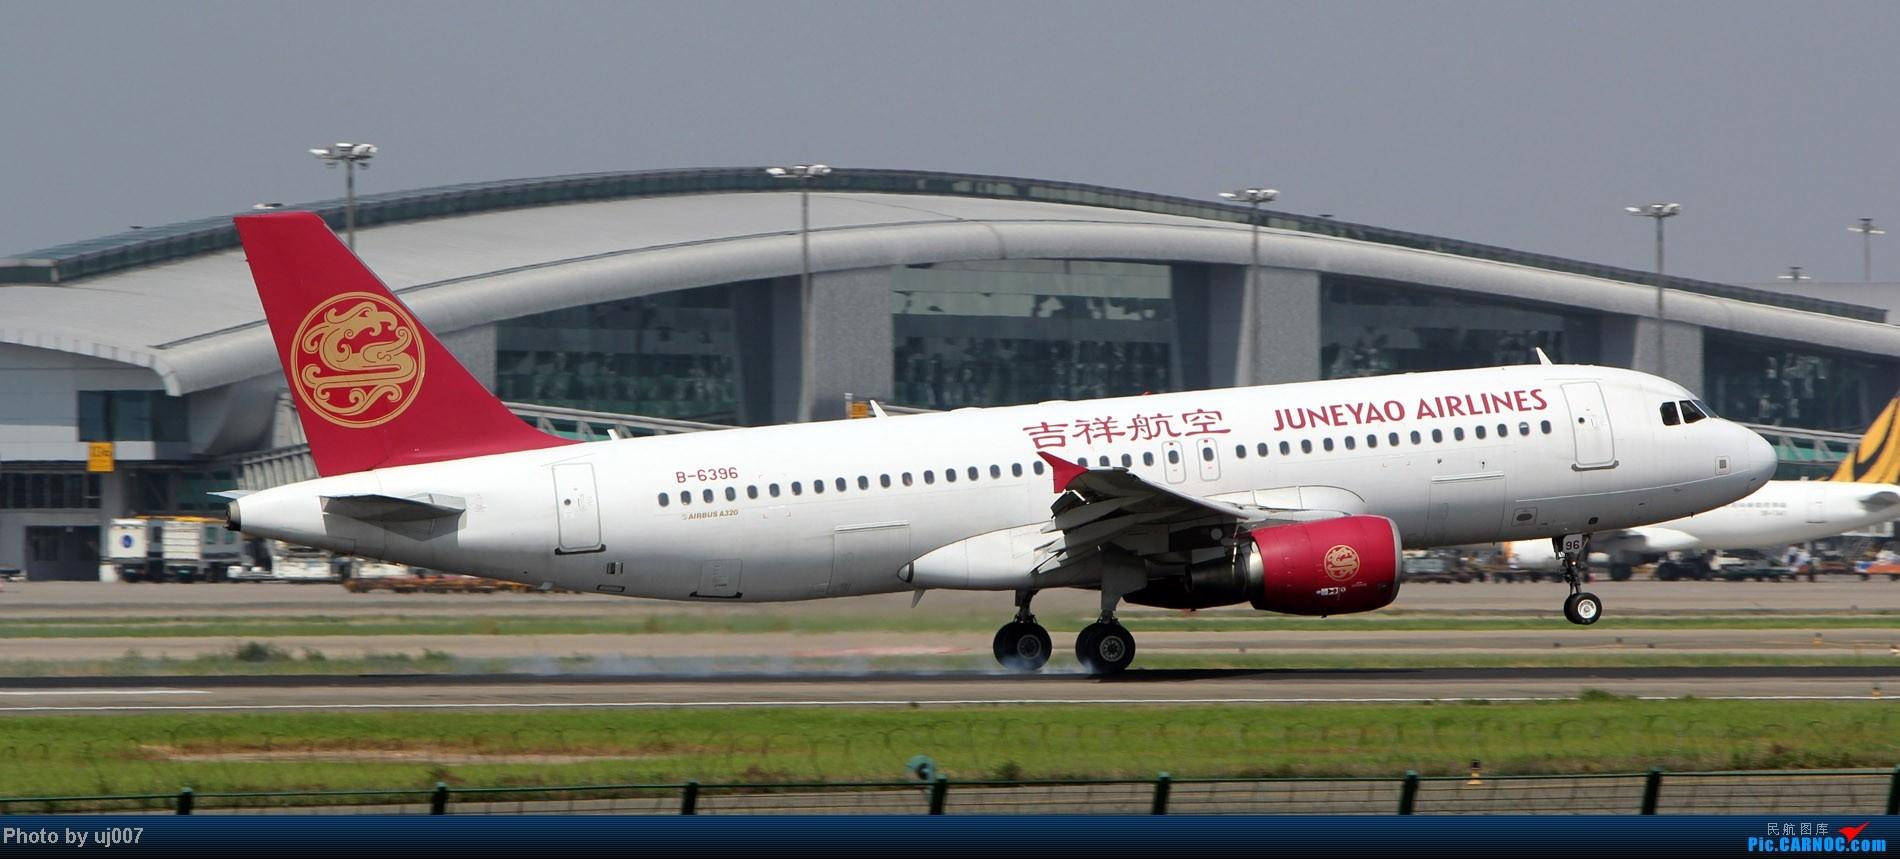 Re:[原创]10月2日白云拍机(大飞机,特别妆,外航,闪灯,擦烟)求指点. AIRBUS A320-200 B-6396 中国广州白云机场